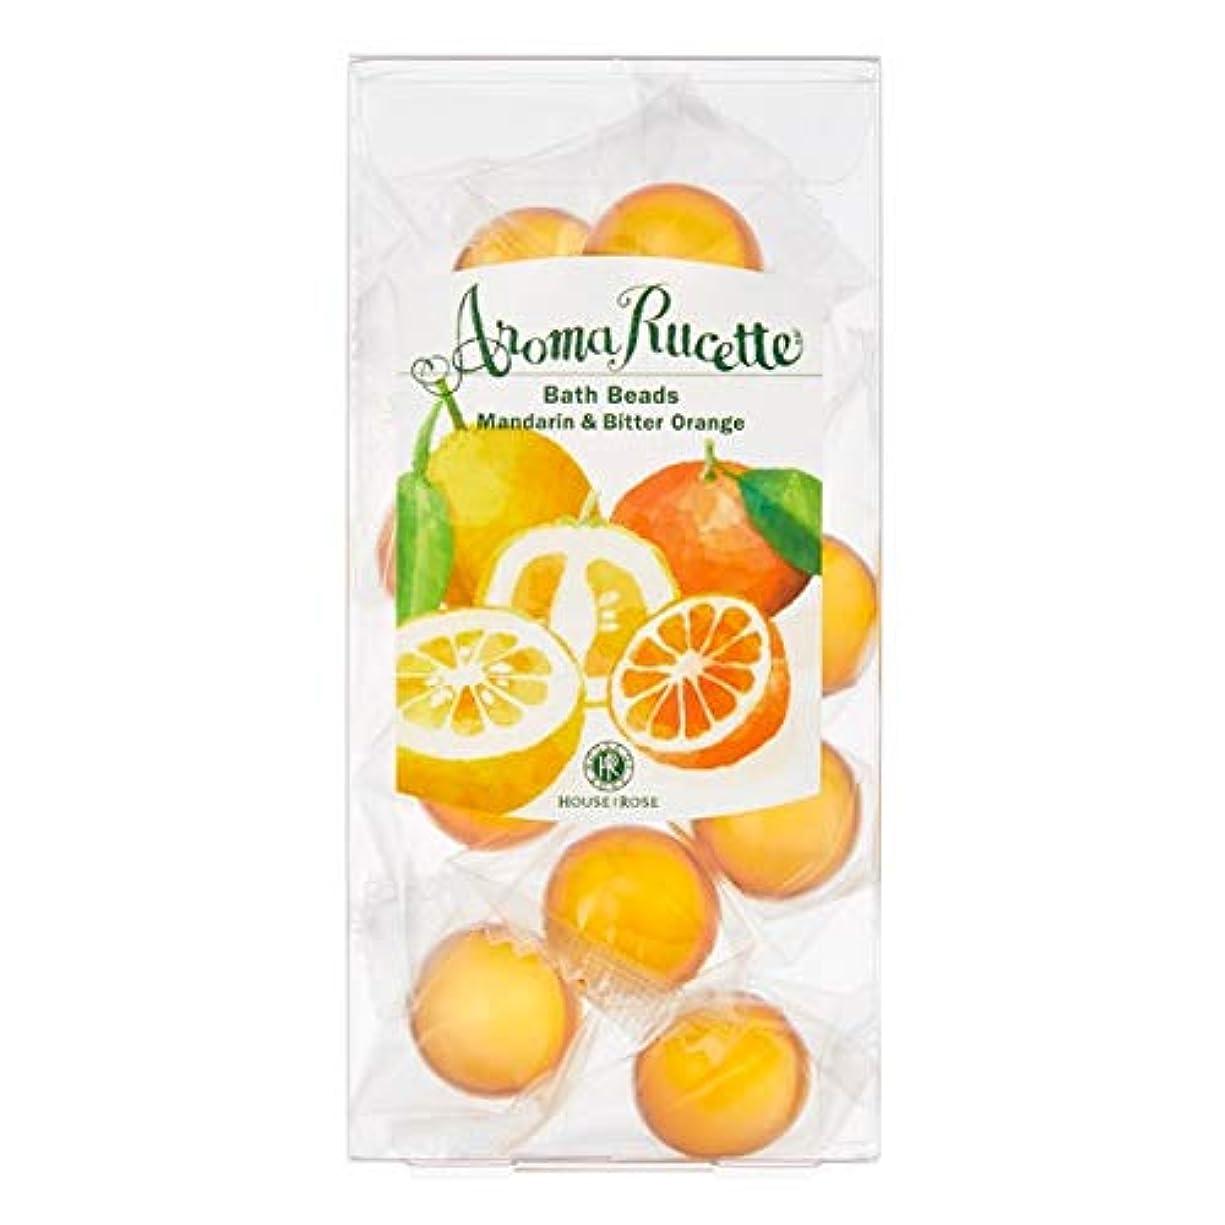 細部債務自伝HOUSE OF ROSE(ハウスオブローゼ) ハウスオブローゼ/アロマルセット バスビーズ MD&BO(マンダリン&ビターオレンジの香り) 7g×11個